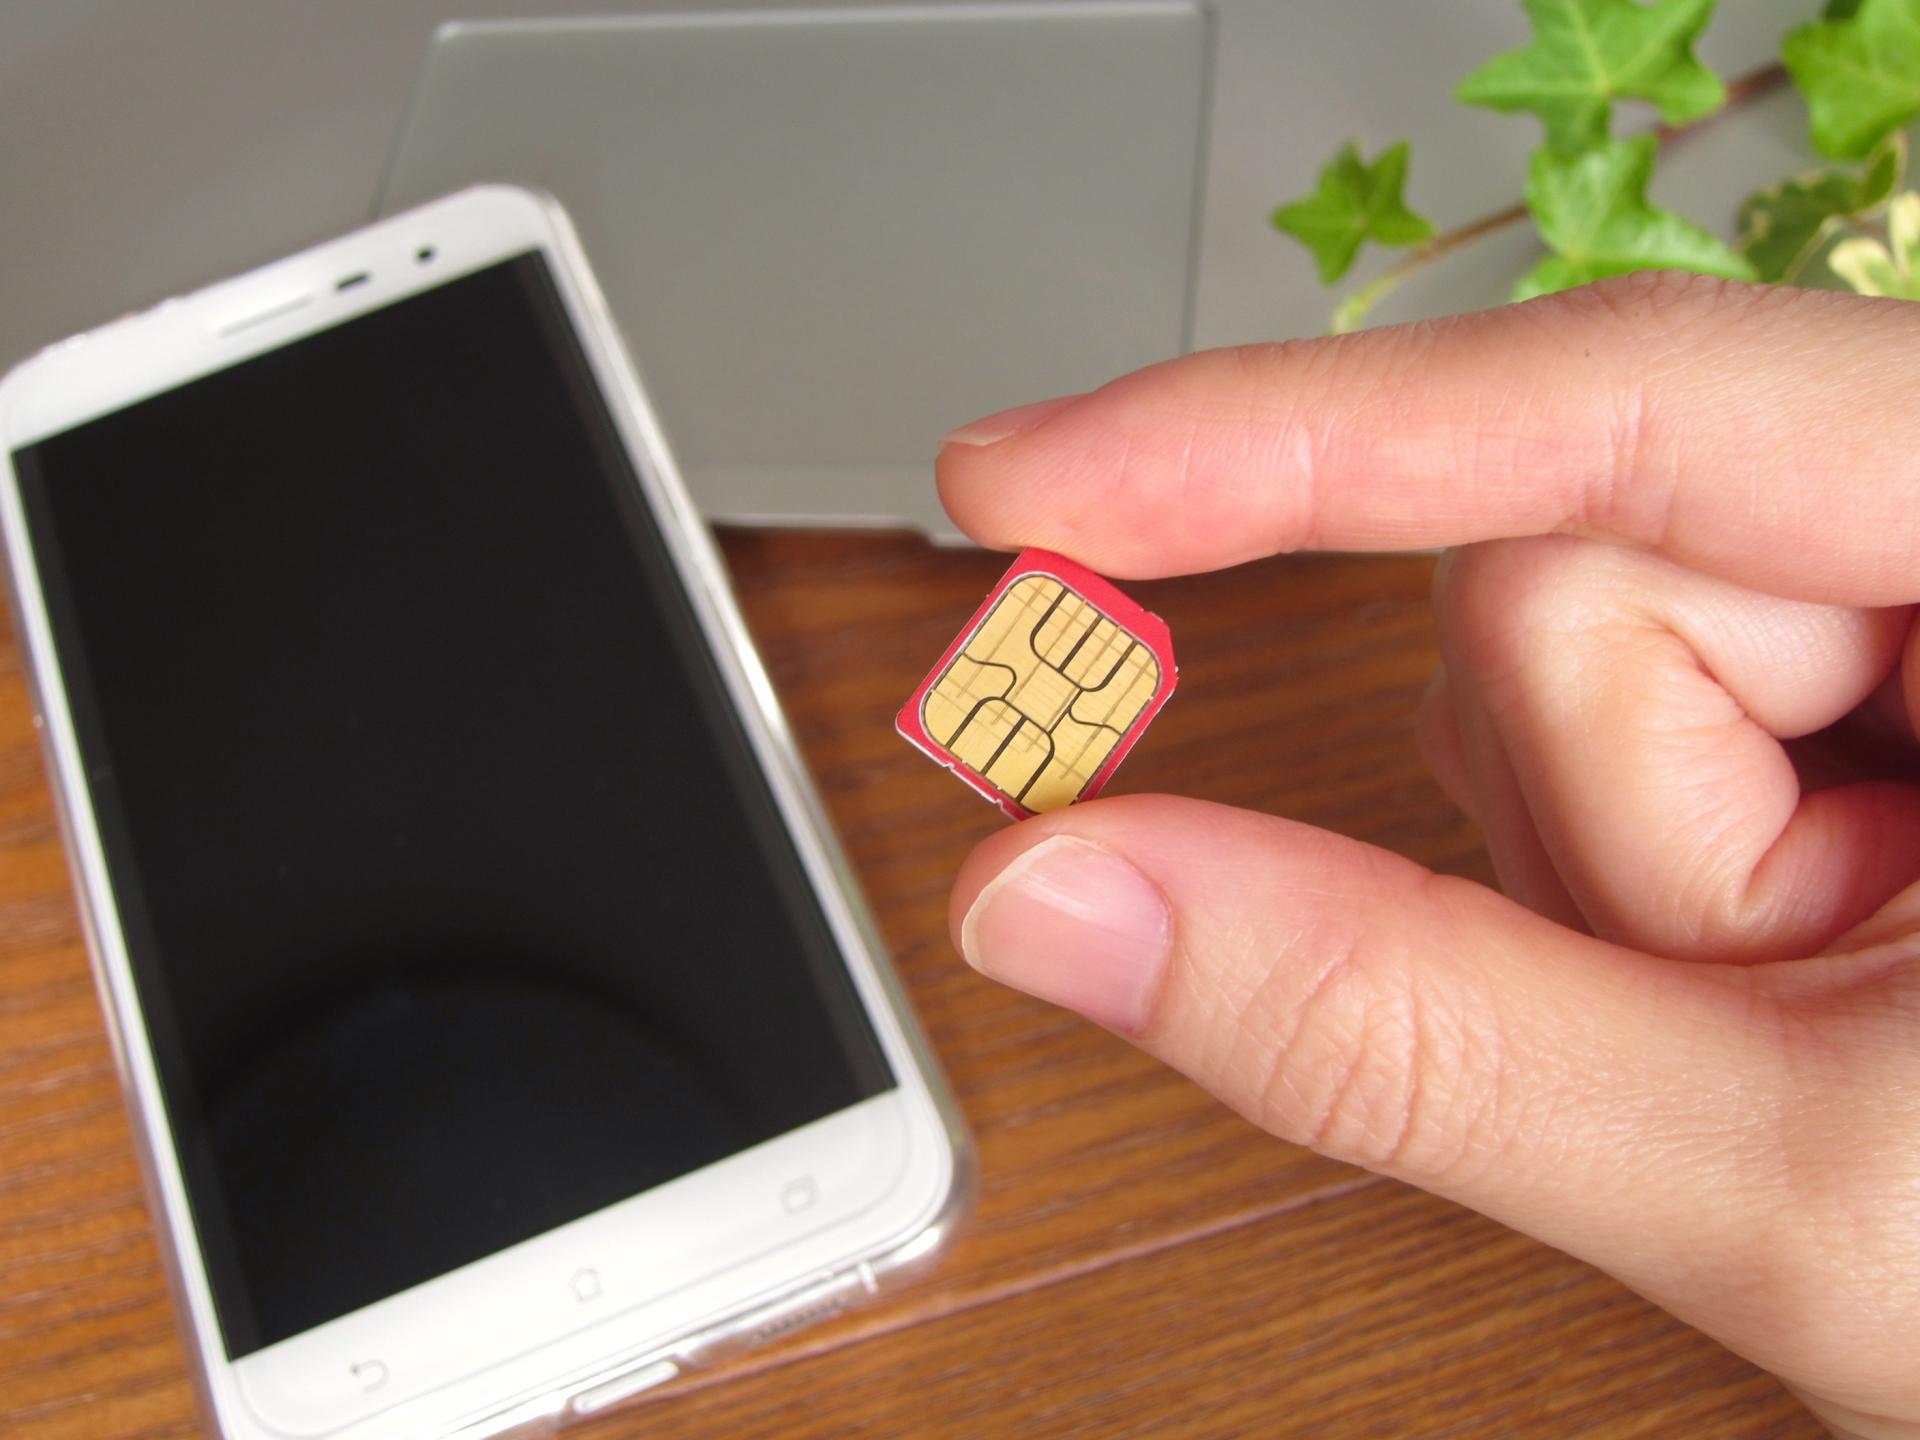 35b3bde730aa0661a4e4a8630092e553 m - 【TIPS】値段だけで選ぶな!価格だけでは分からない「結果的にトクする」格安スマホ/格安SIMはどれだ【MVNO/MNP/格安SIM】